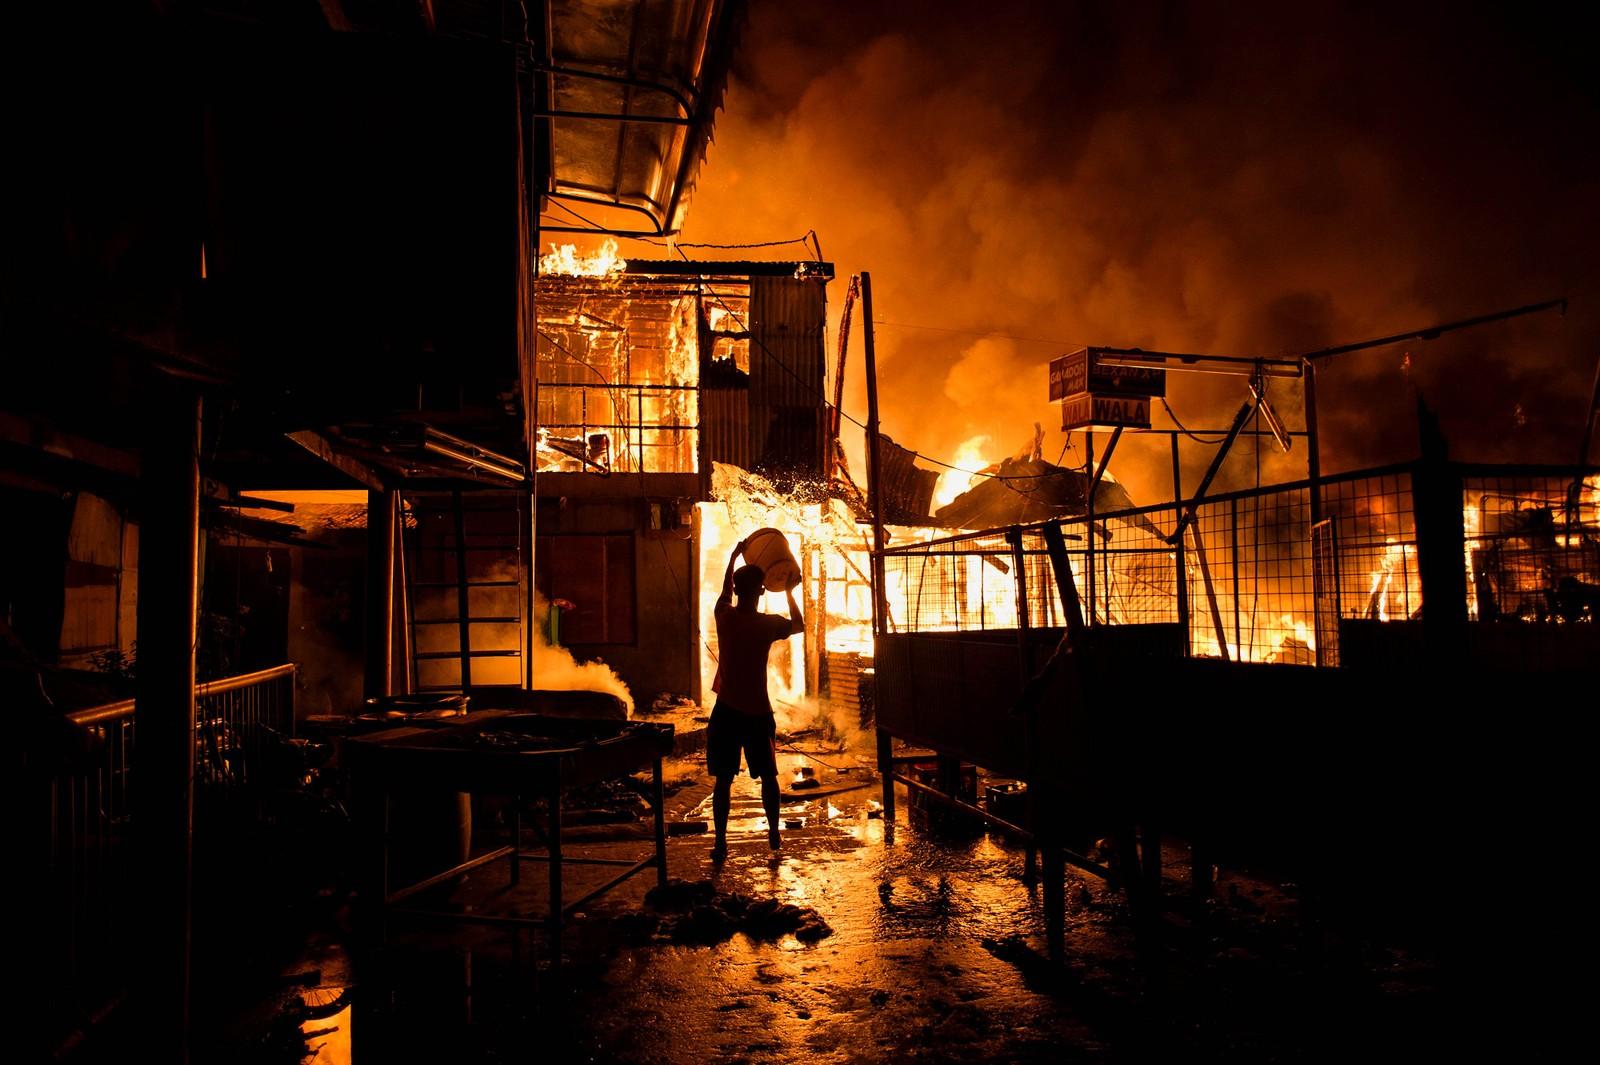 En mann kjemper en desperat kamp mot flammene under en brann i Delpan i Manila. Brannen ødela flere hundre hjem.